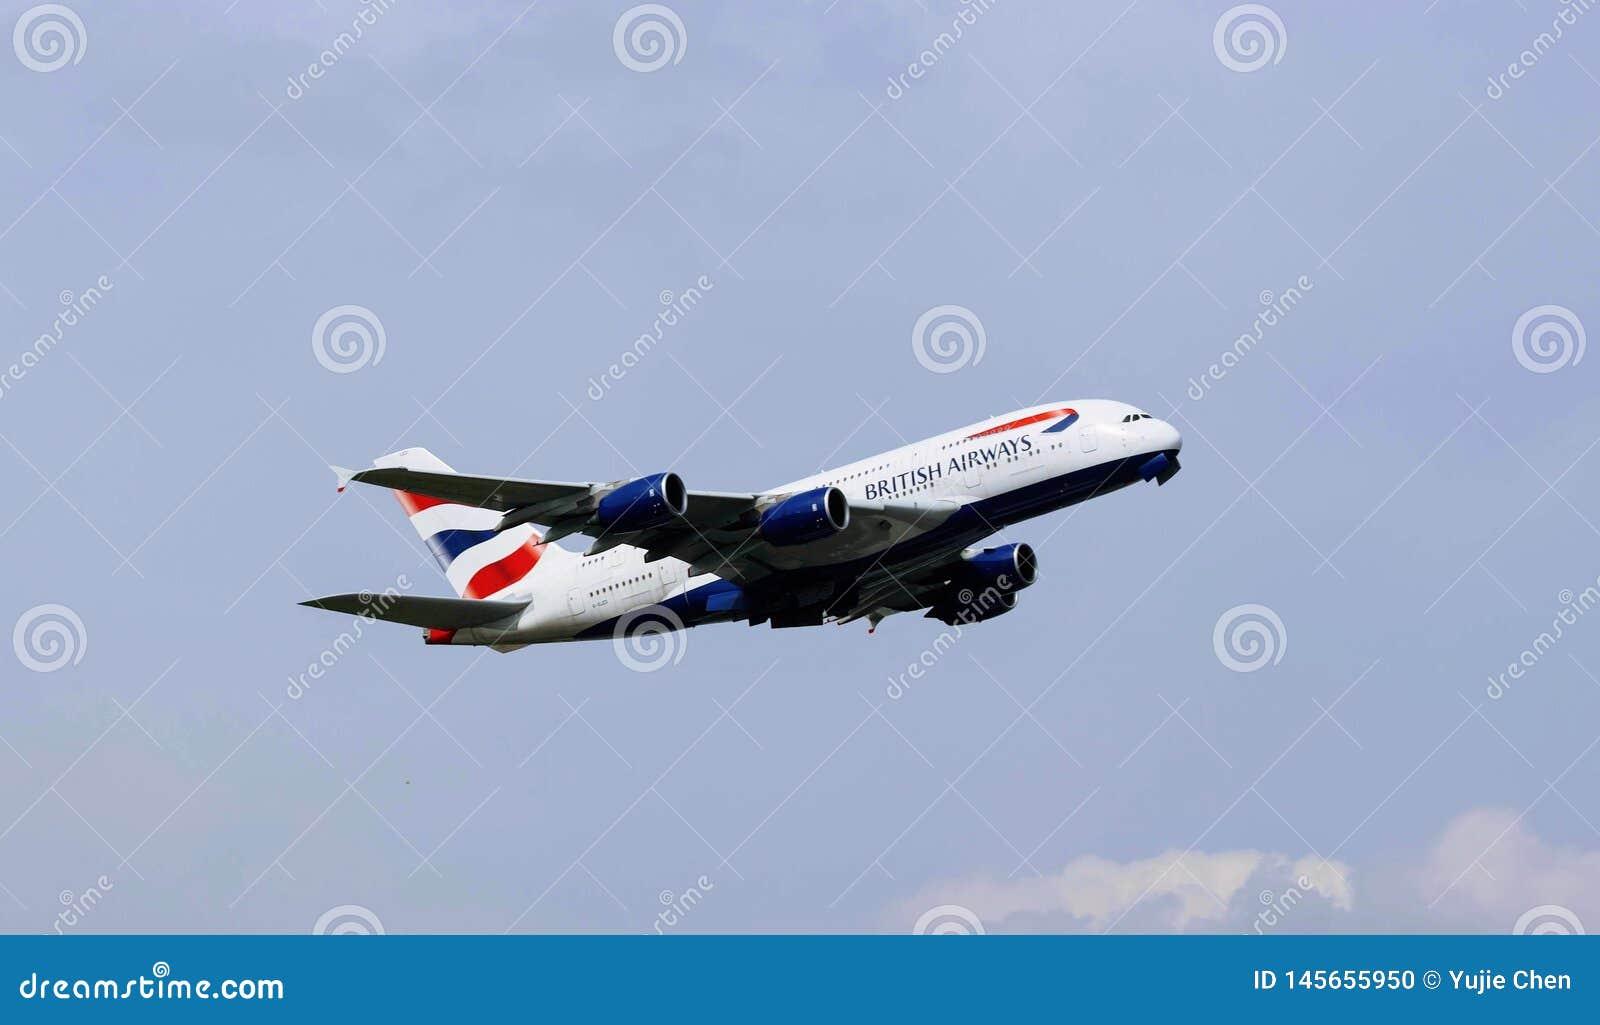 Avion de British airways